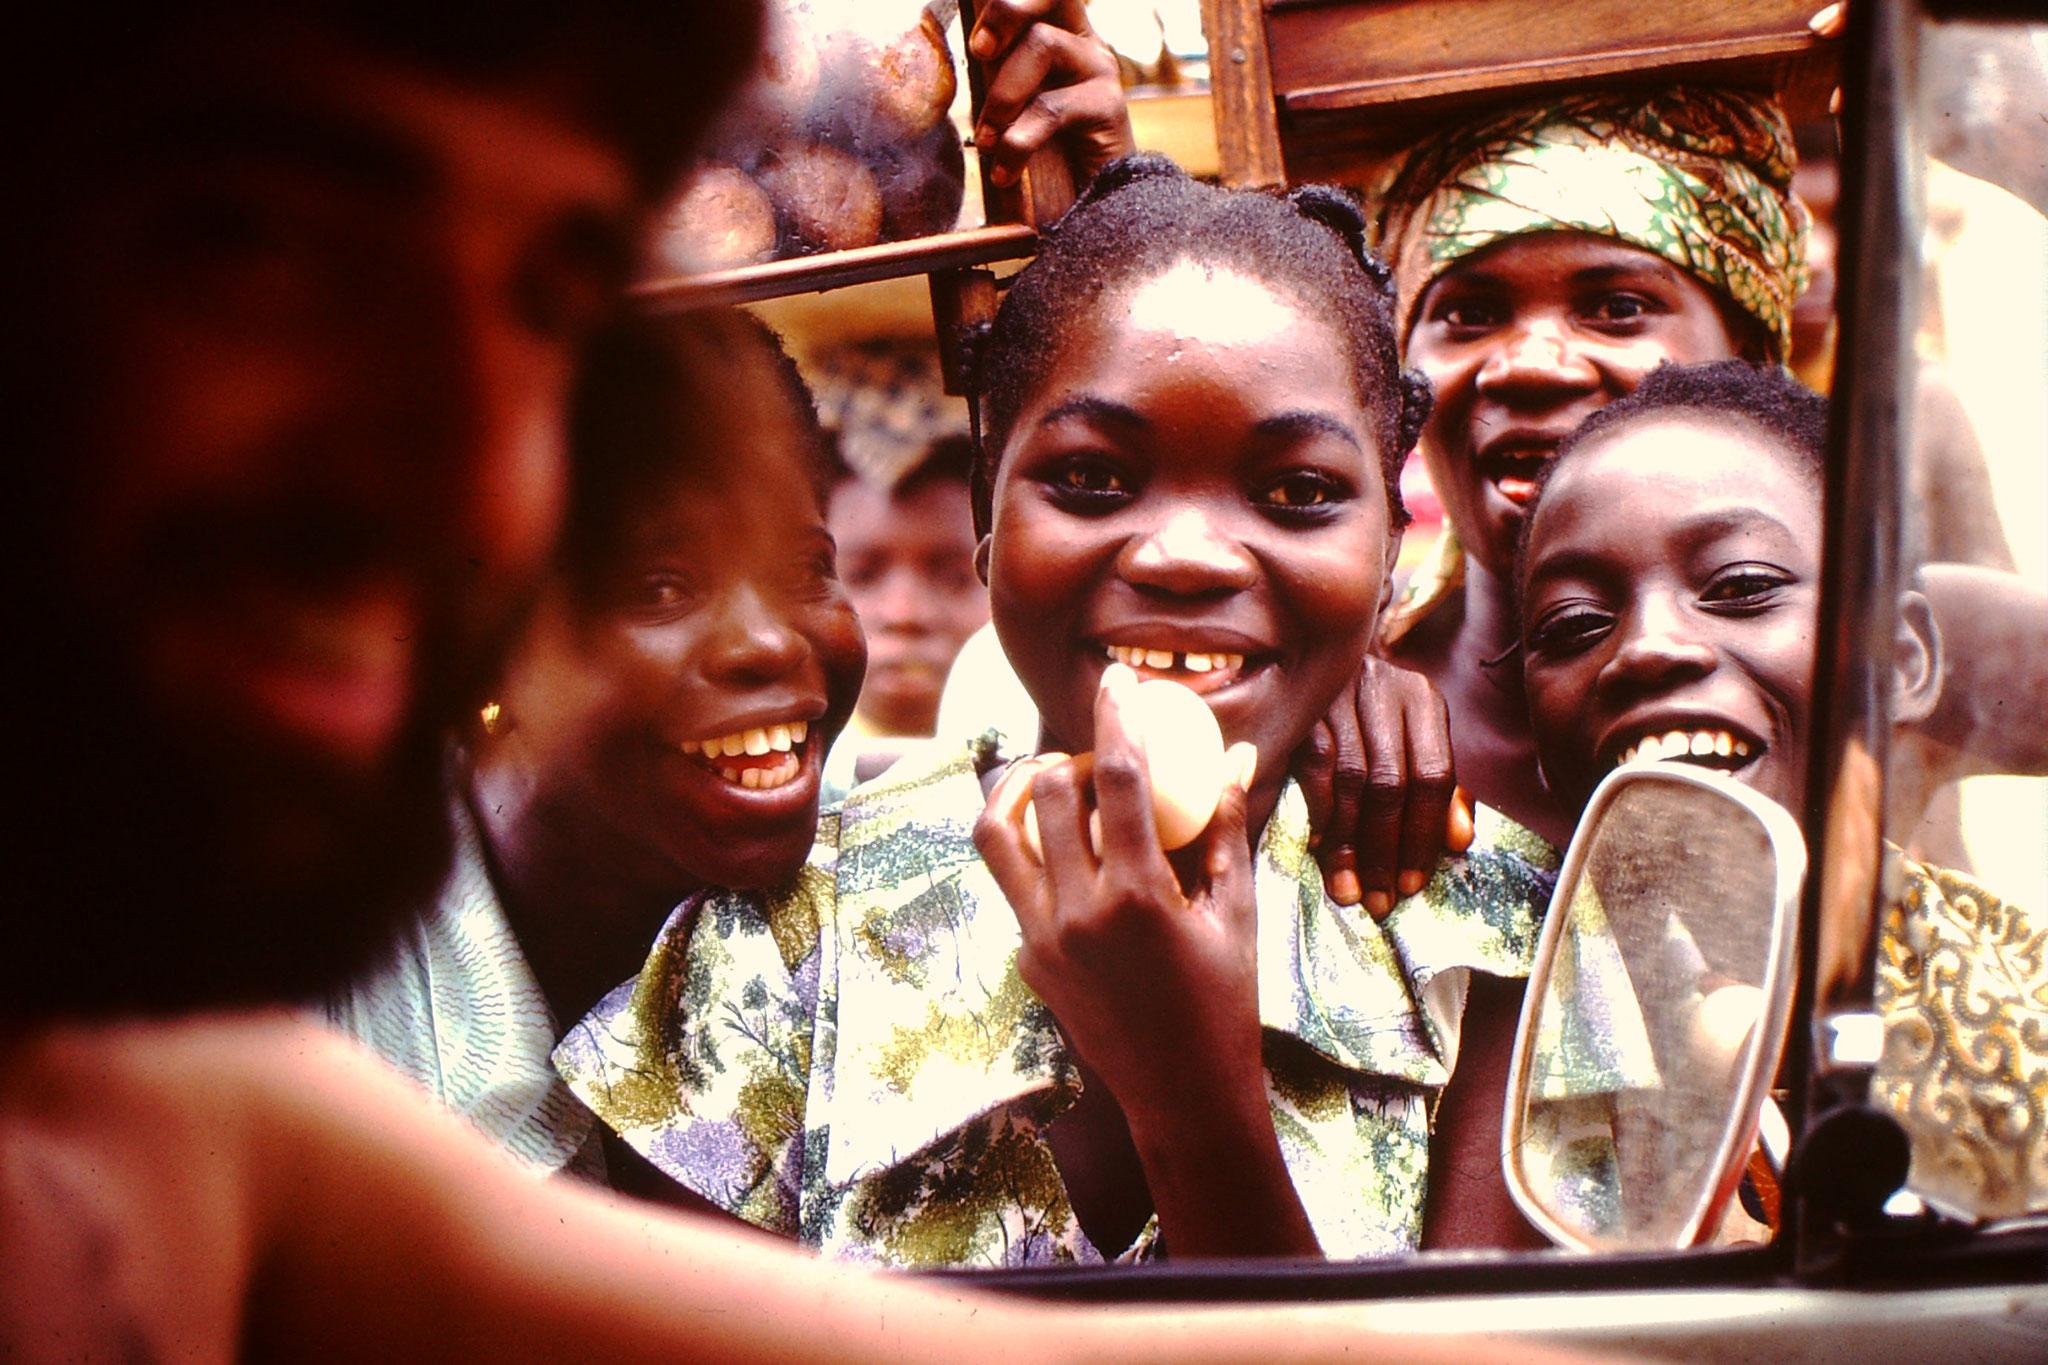 Überall wo wir anhielten kamen immer viele Leute. Diese Kinder wollten Eier verkaufen.